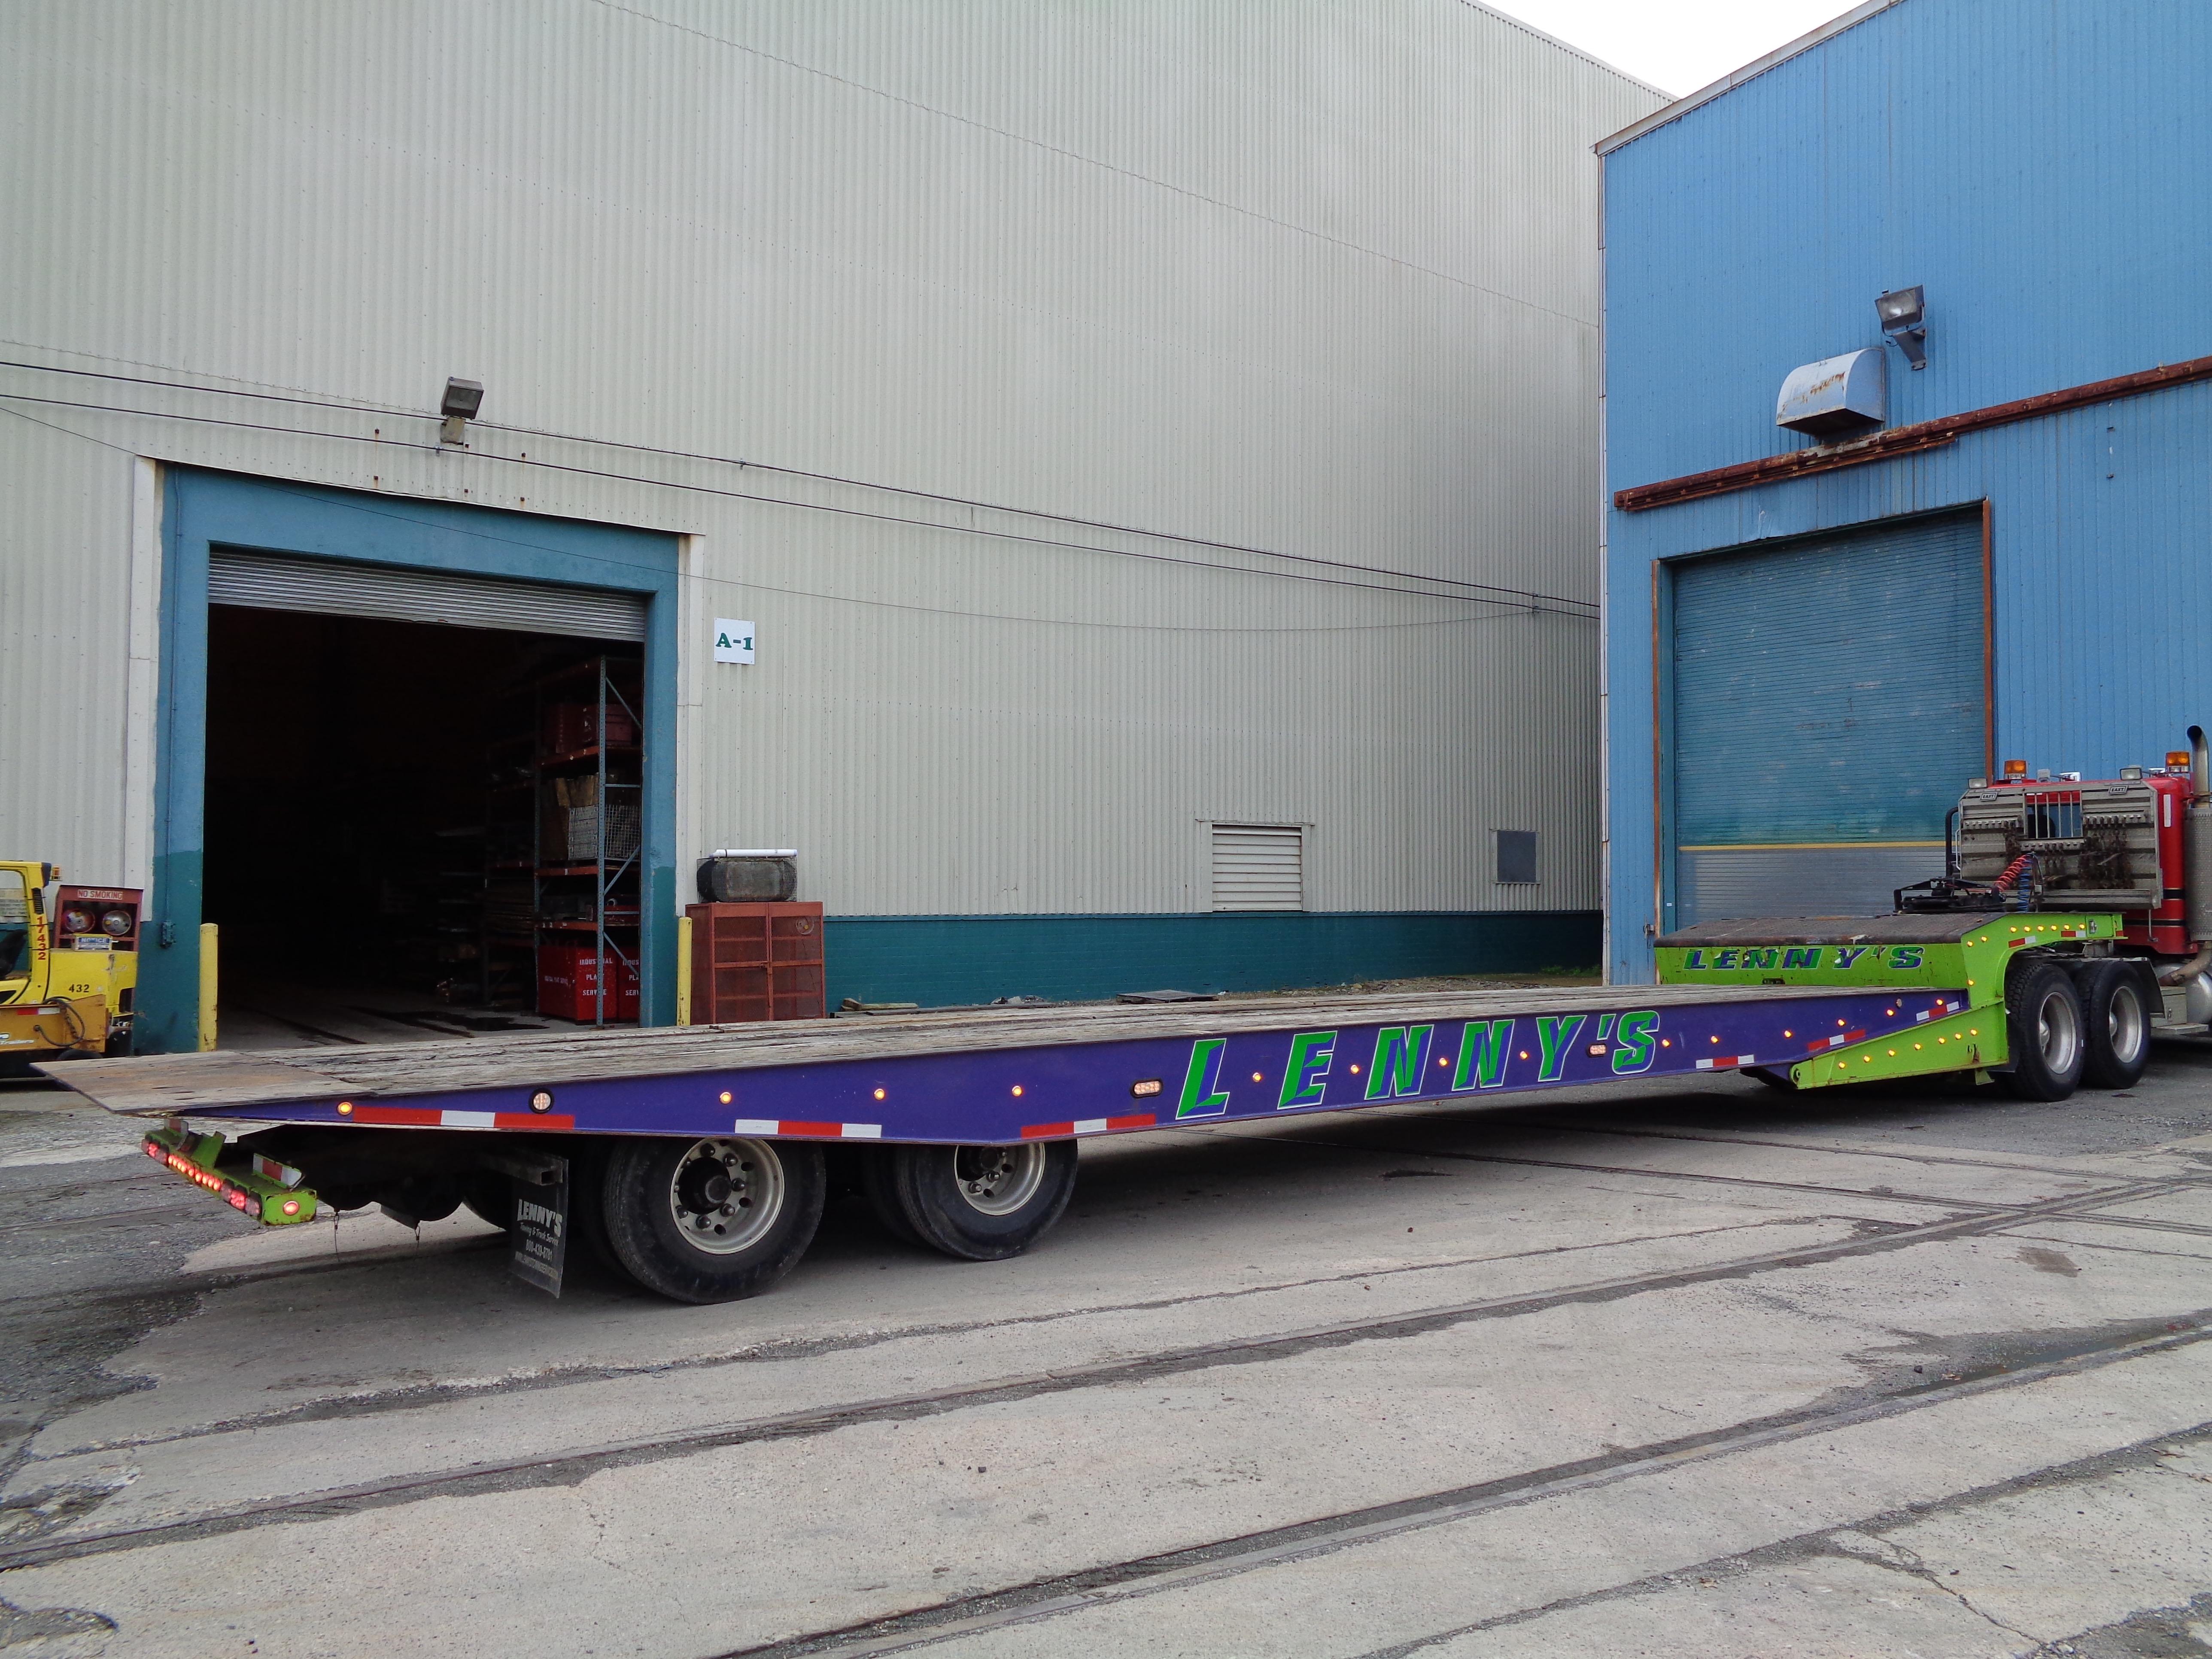 Lot 118A - 2006 Landoll 48FT Tilt Deck Trailer